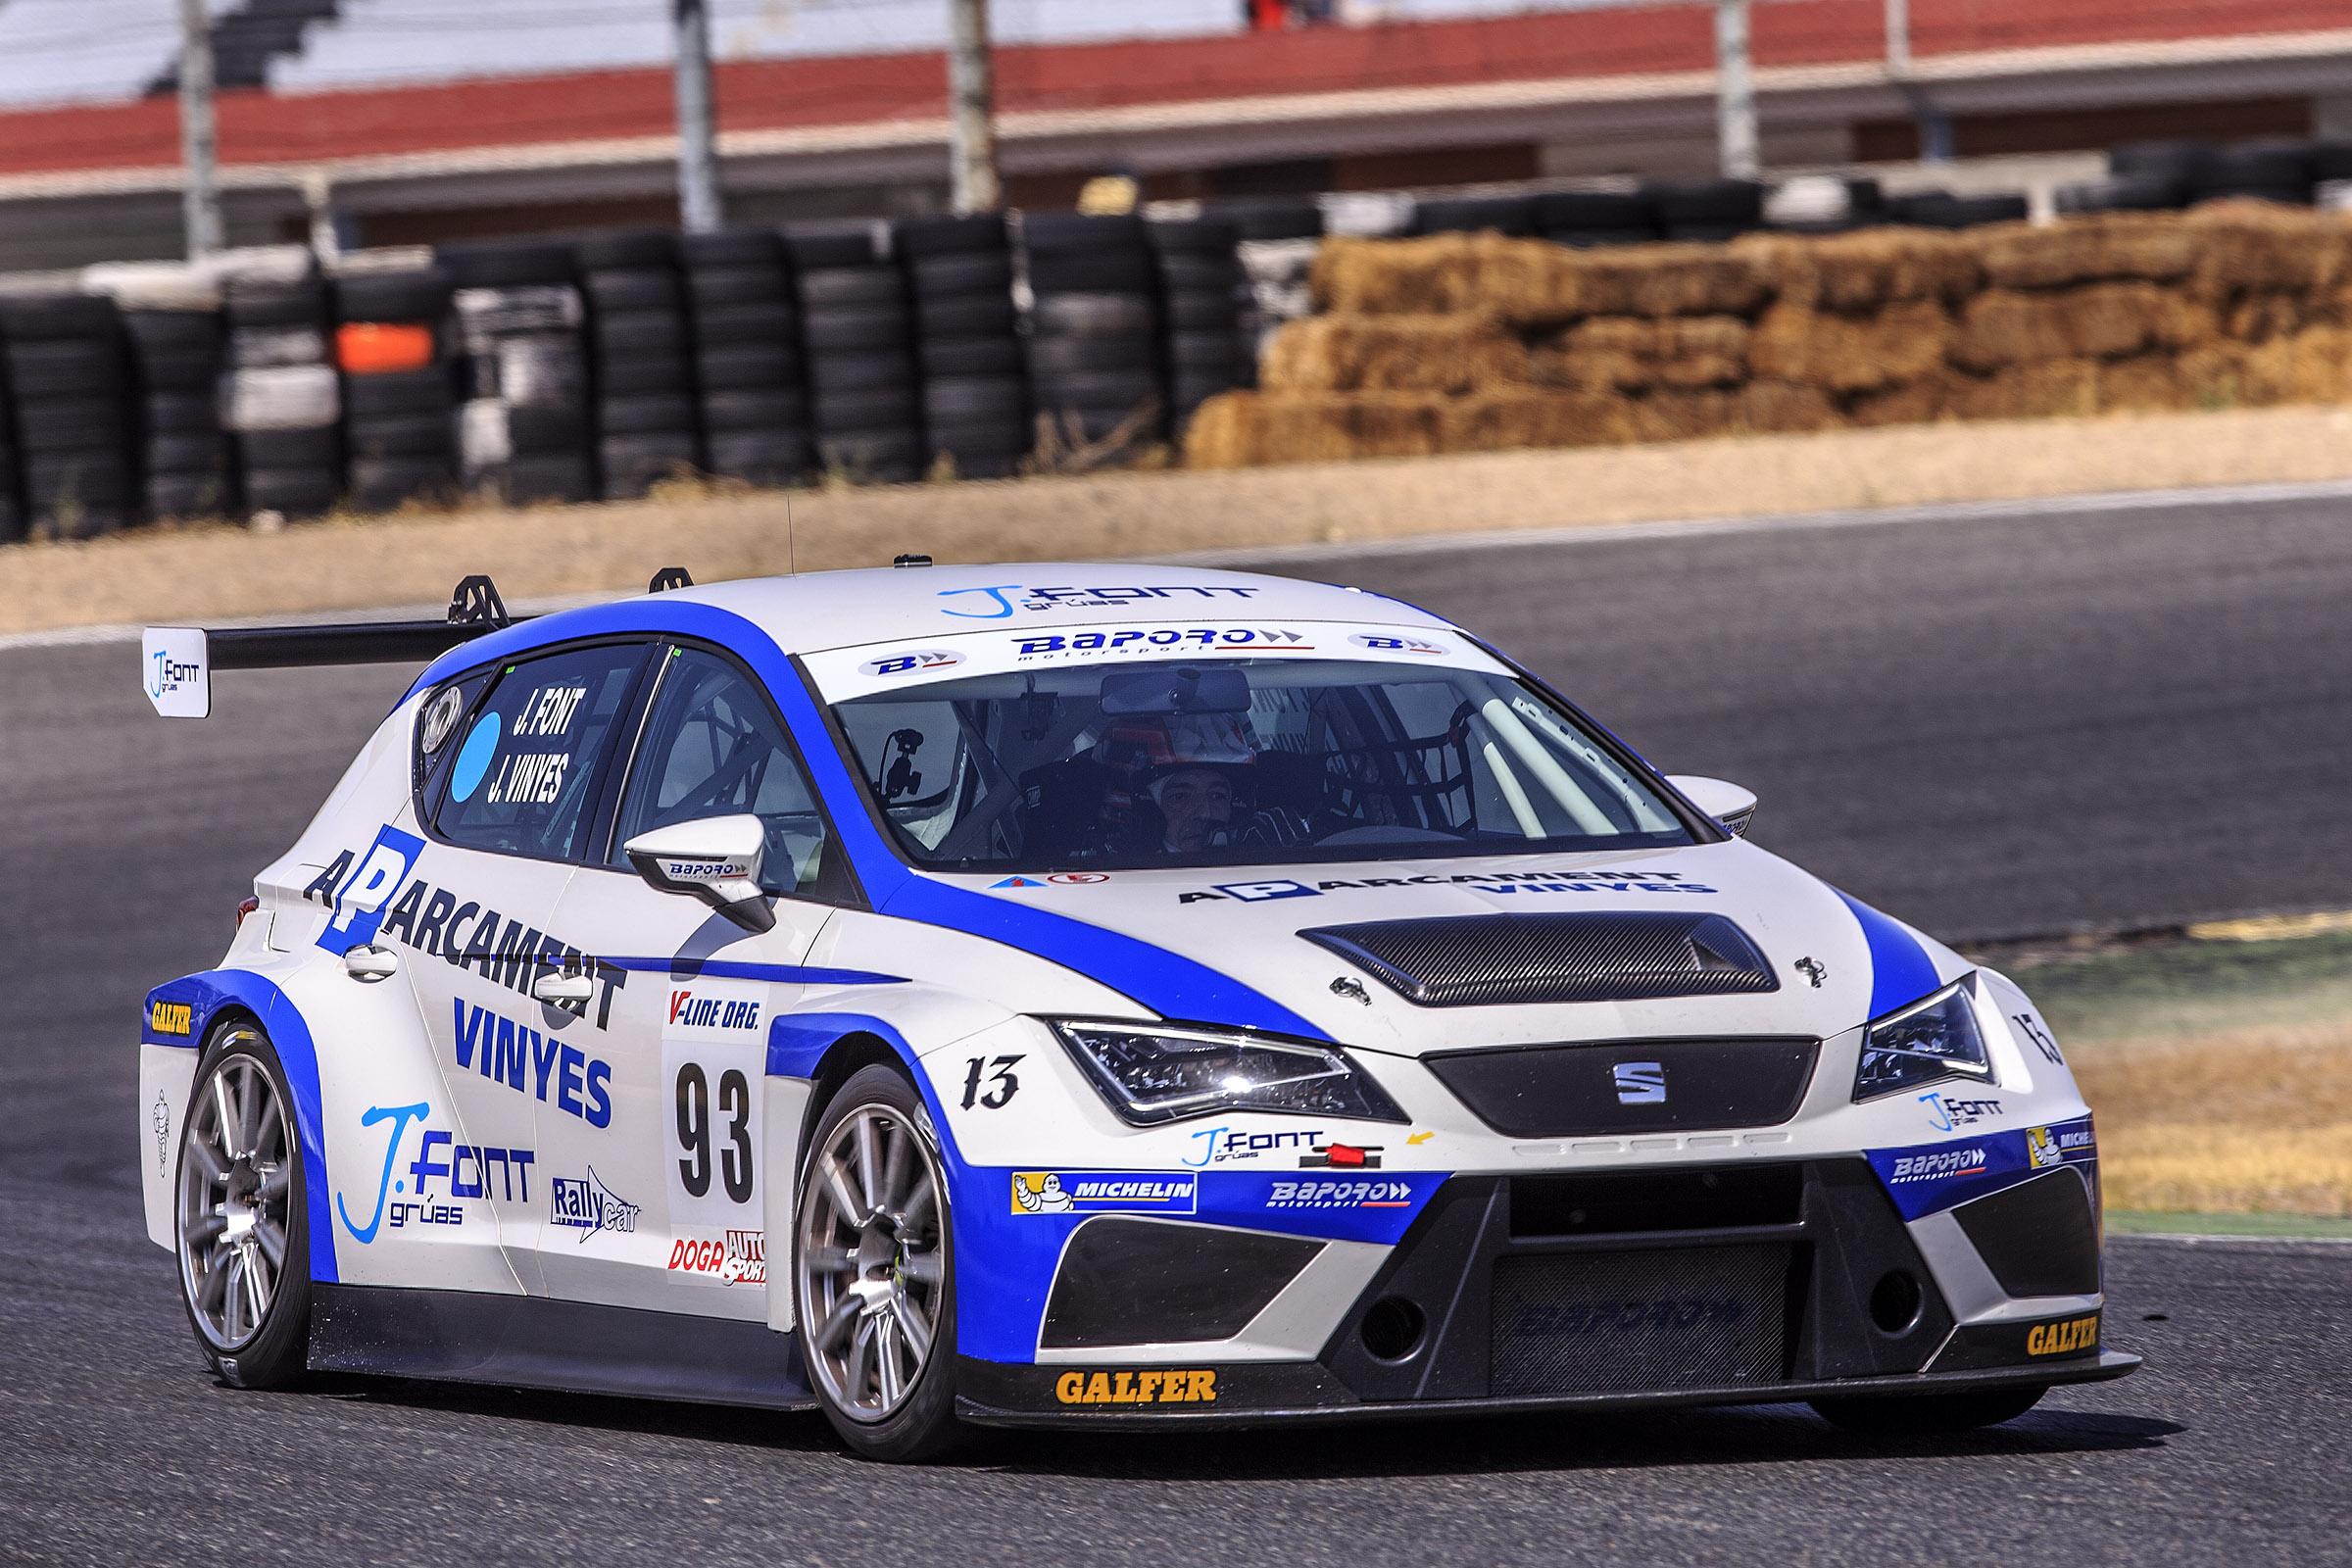 Vinyes-Font a recuperar el liderat del CER17, en el Circuit Barcelona-Catalunya